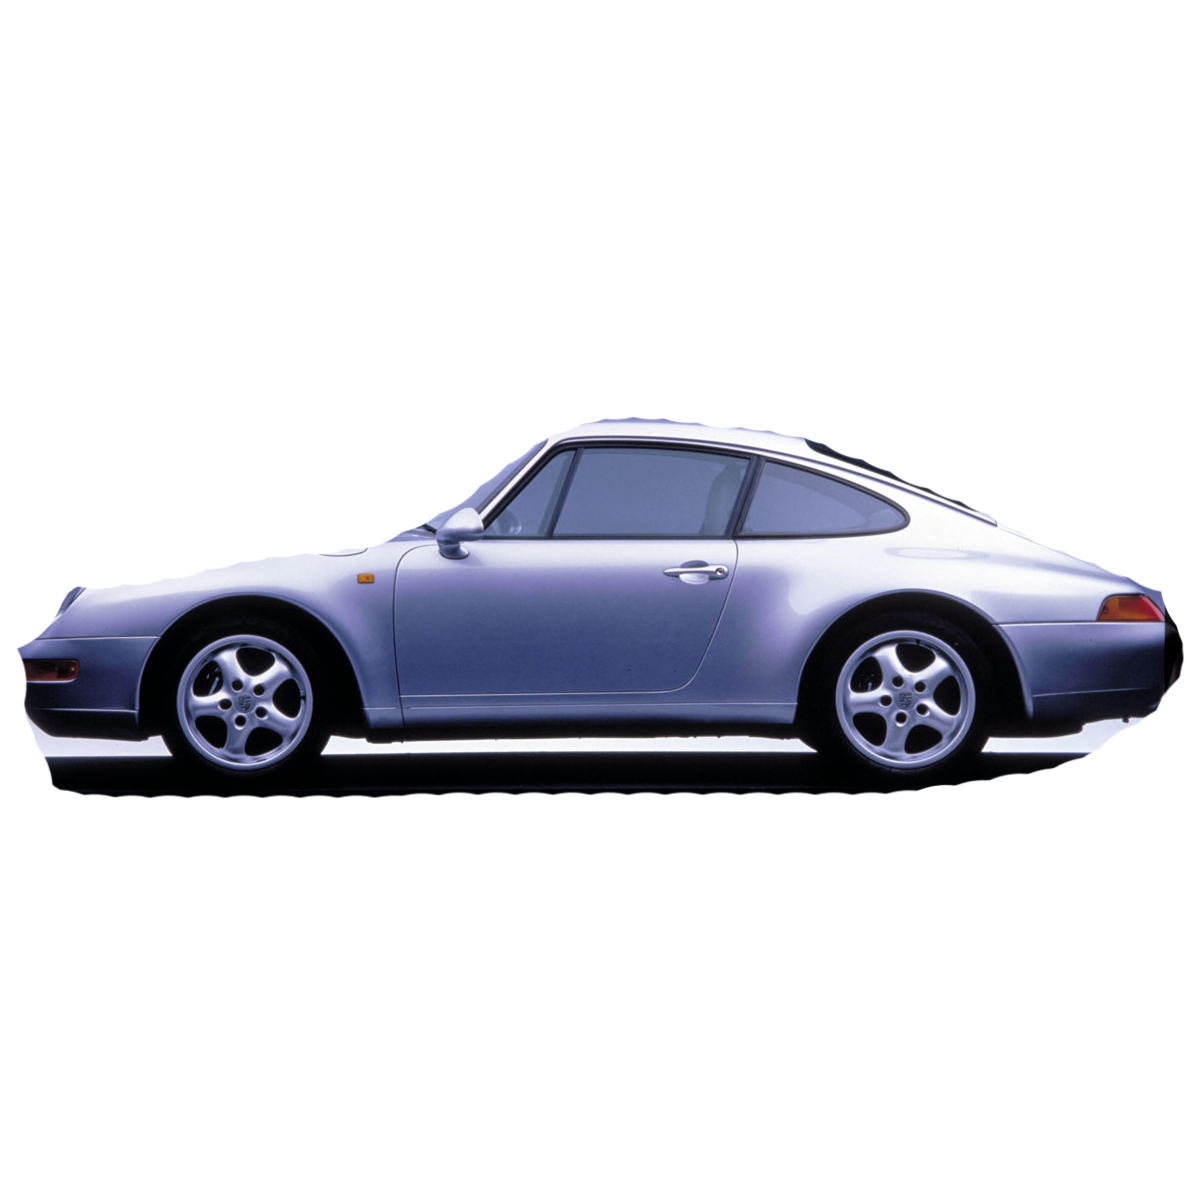 Porsche 964 & 993 (911) 1989-1997